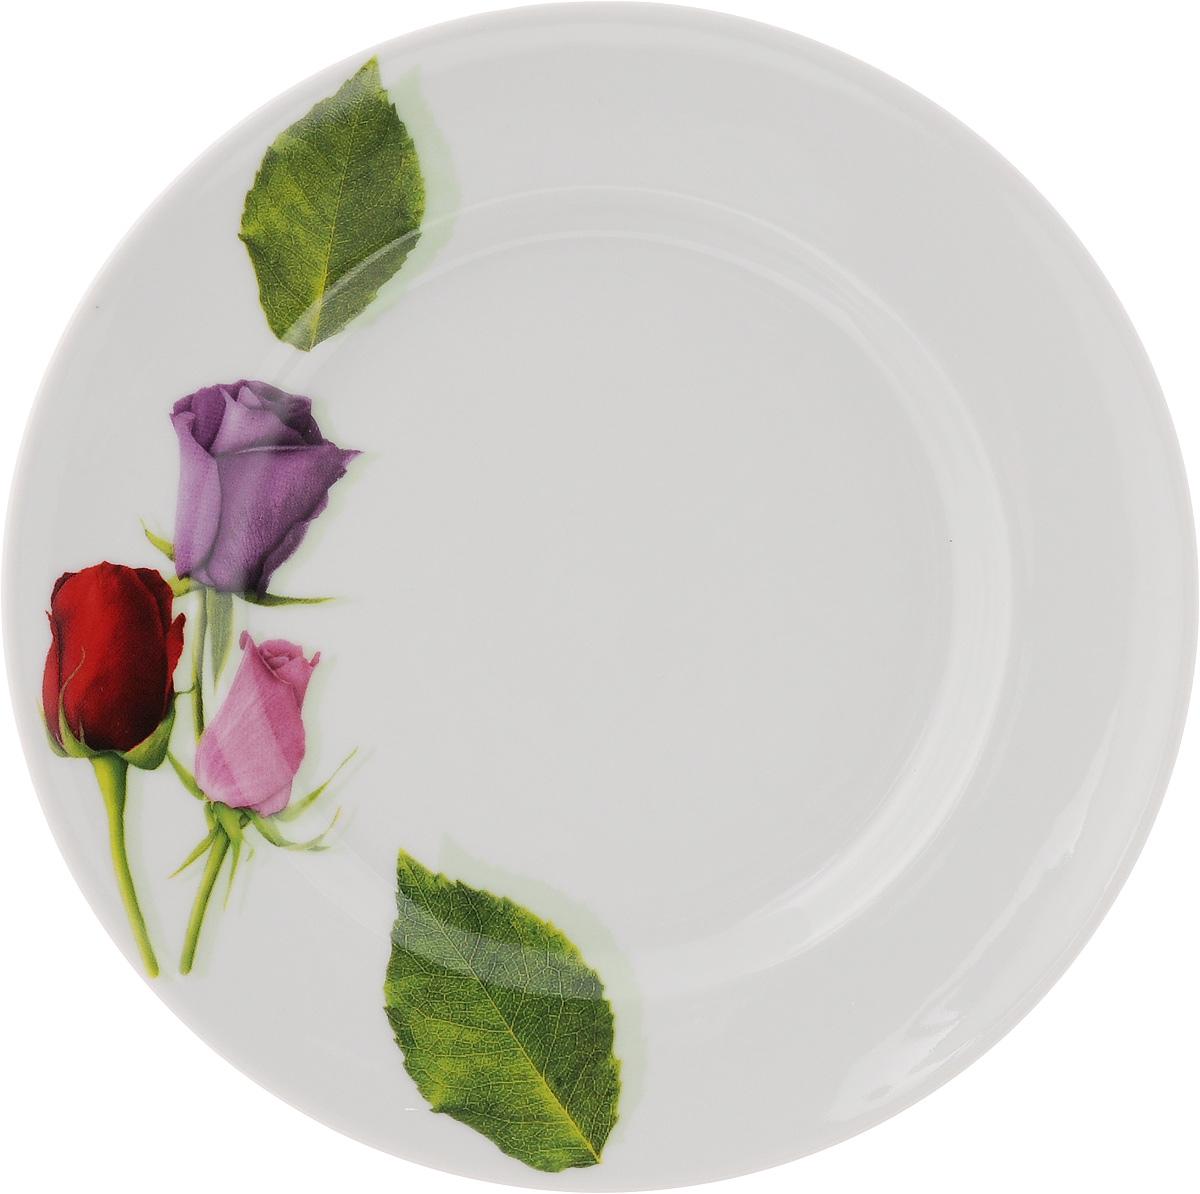 Тарелка Идиллия. Королева цветов, диаметр 19,5 см115510Тарелка Идиллия. Королева цветов изготовлена из высококачественного фарфора. Изделие декорировано красочным изображением. Такая тарелка отлично подойдет в качестве блюда, она идеальна для сервировки закусок, нарезок, горячих блюд. Тарелка прекрасно дополнит сервировку стола и порадует вас оригинальным дизайном. Диаметр тарелки: 19,5 см. Высота стенки: 2,5 см.